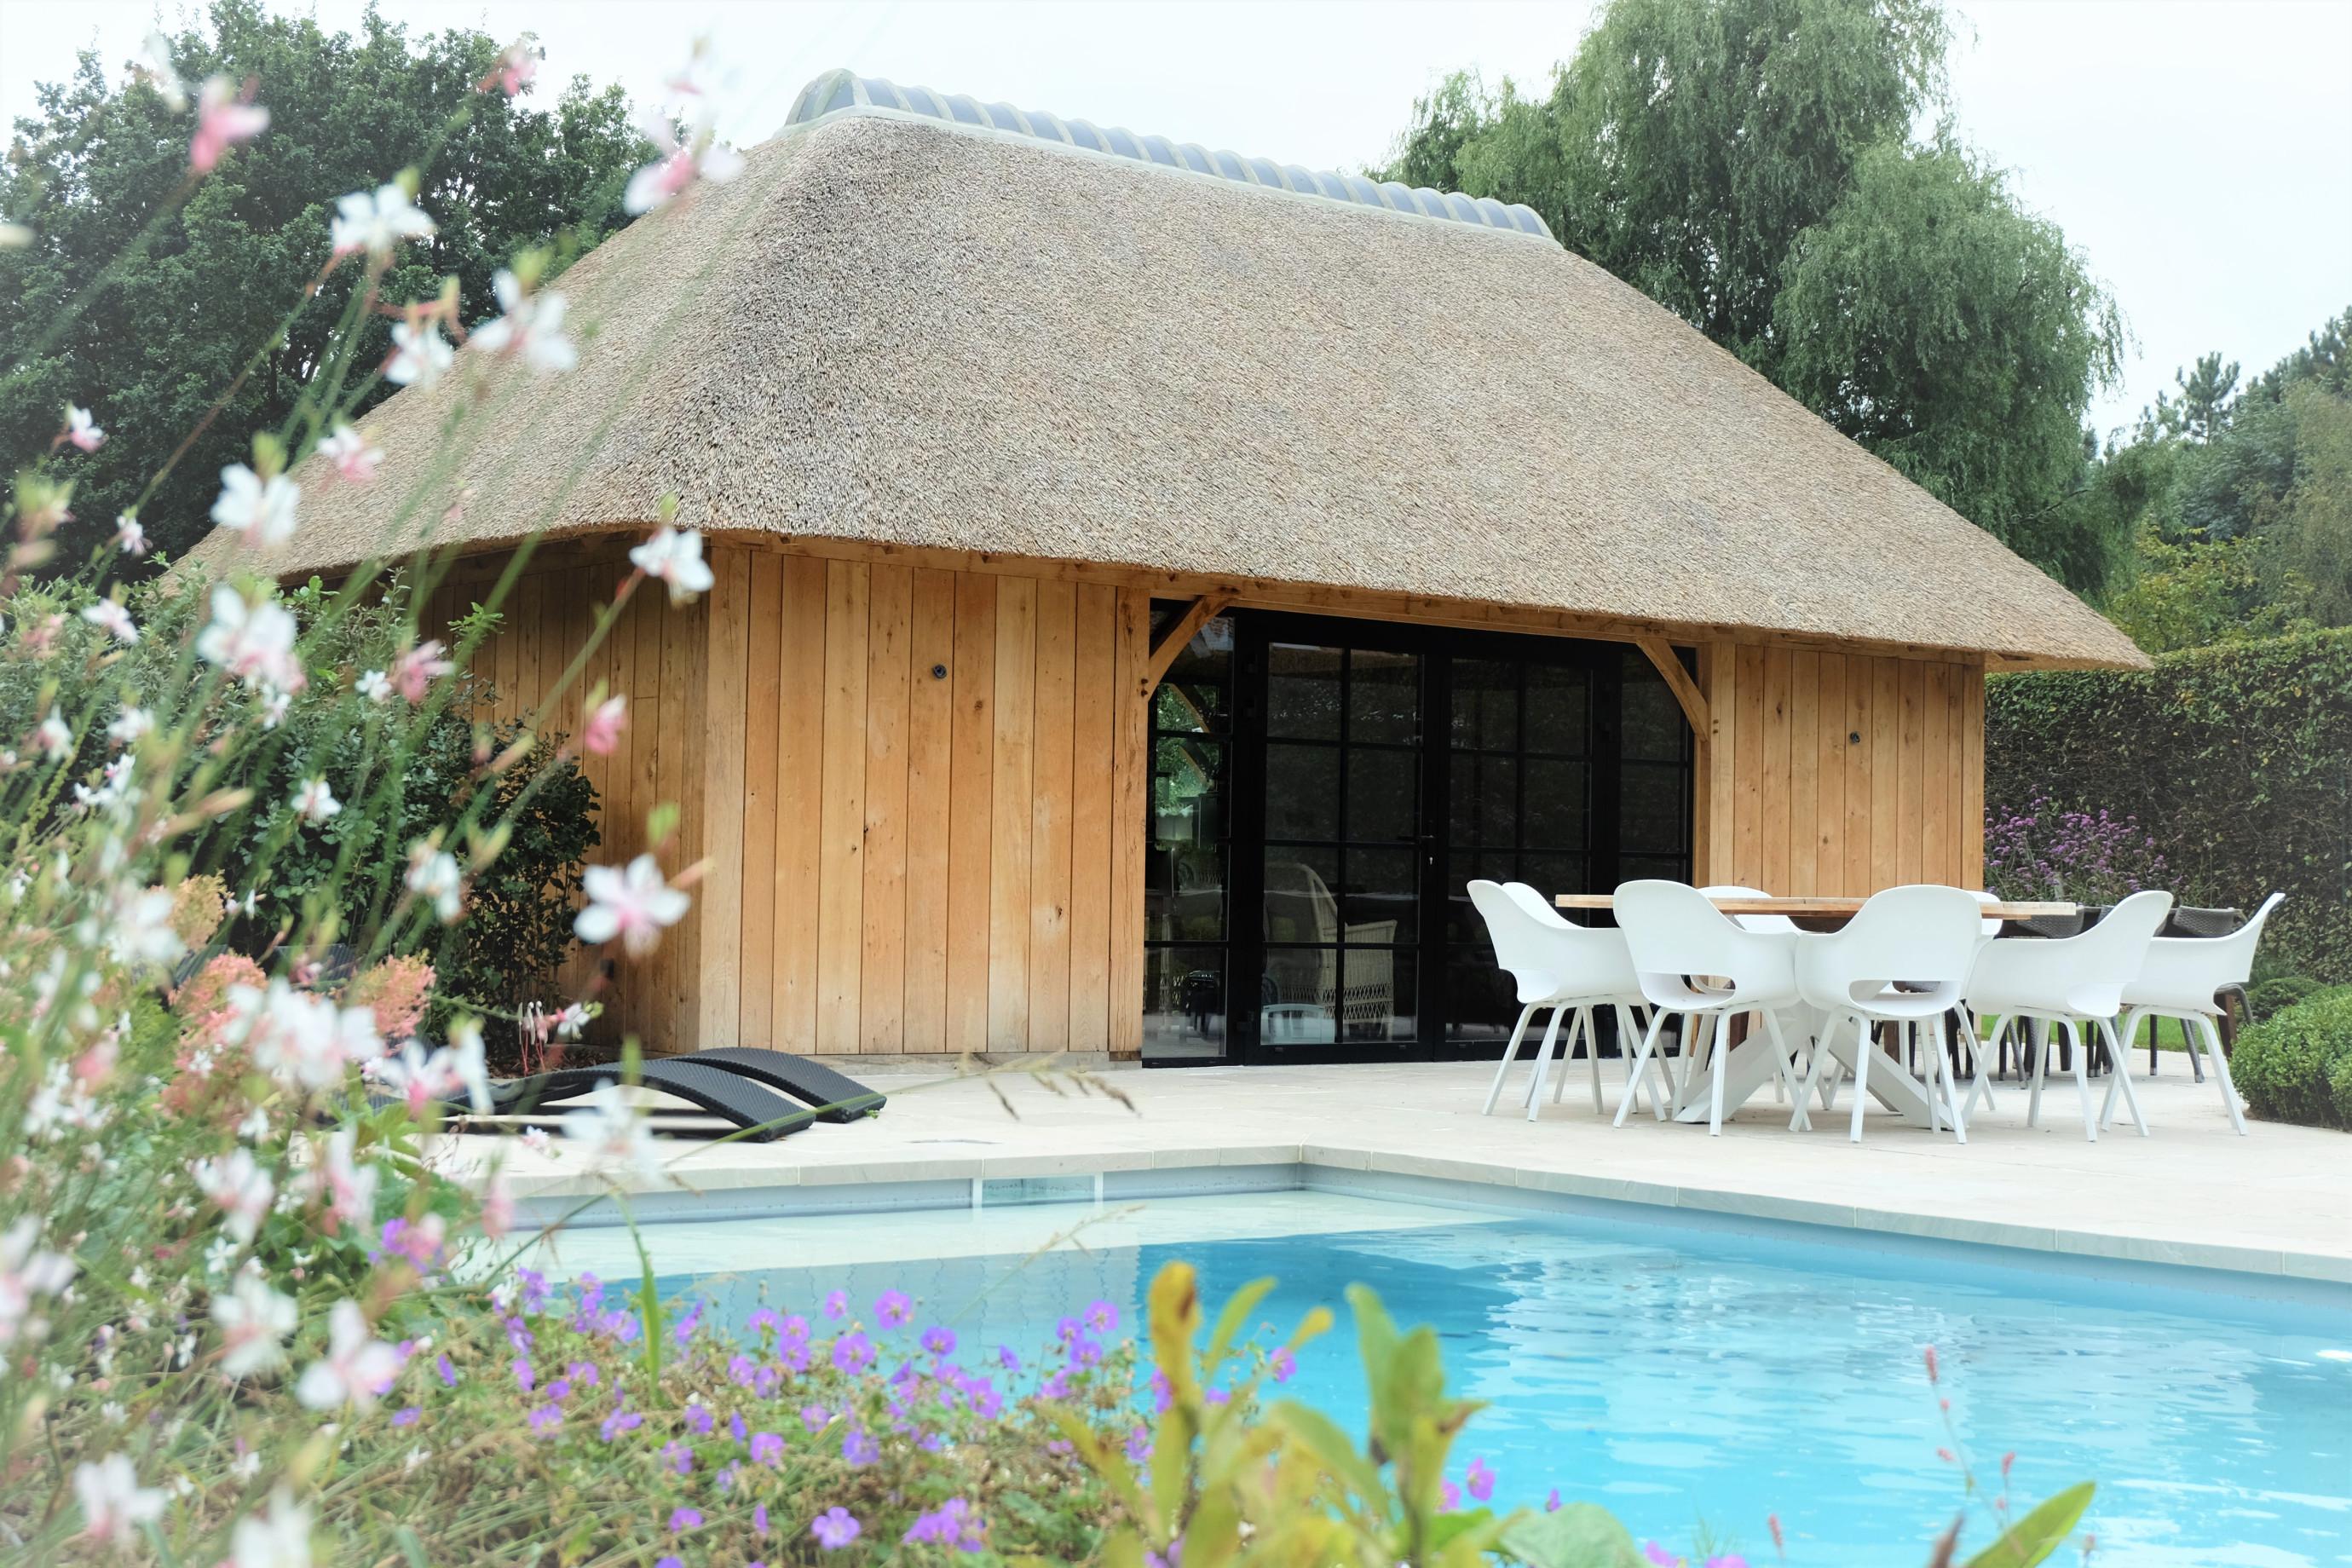 Dit magnifieke rustieke poolhouse werd vakkundig gerealiseerd door Vanhauwood. Voor de structuur maakten ze gebruik van een eiken bouwpakket vervaardigd door Cornelis Hout.